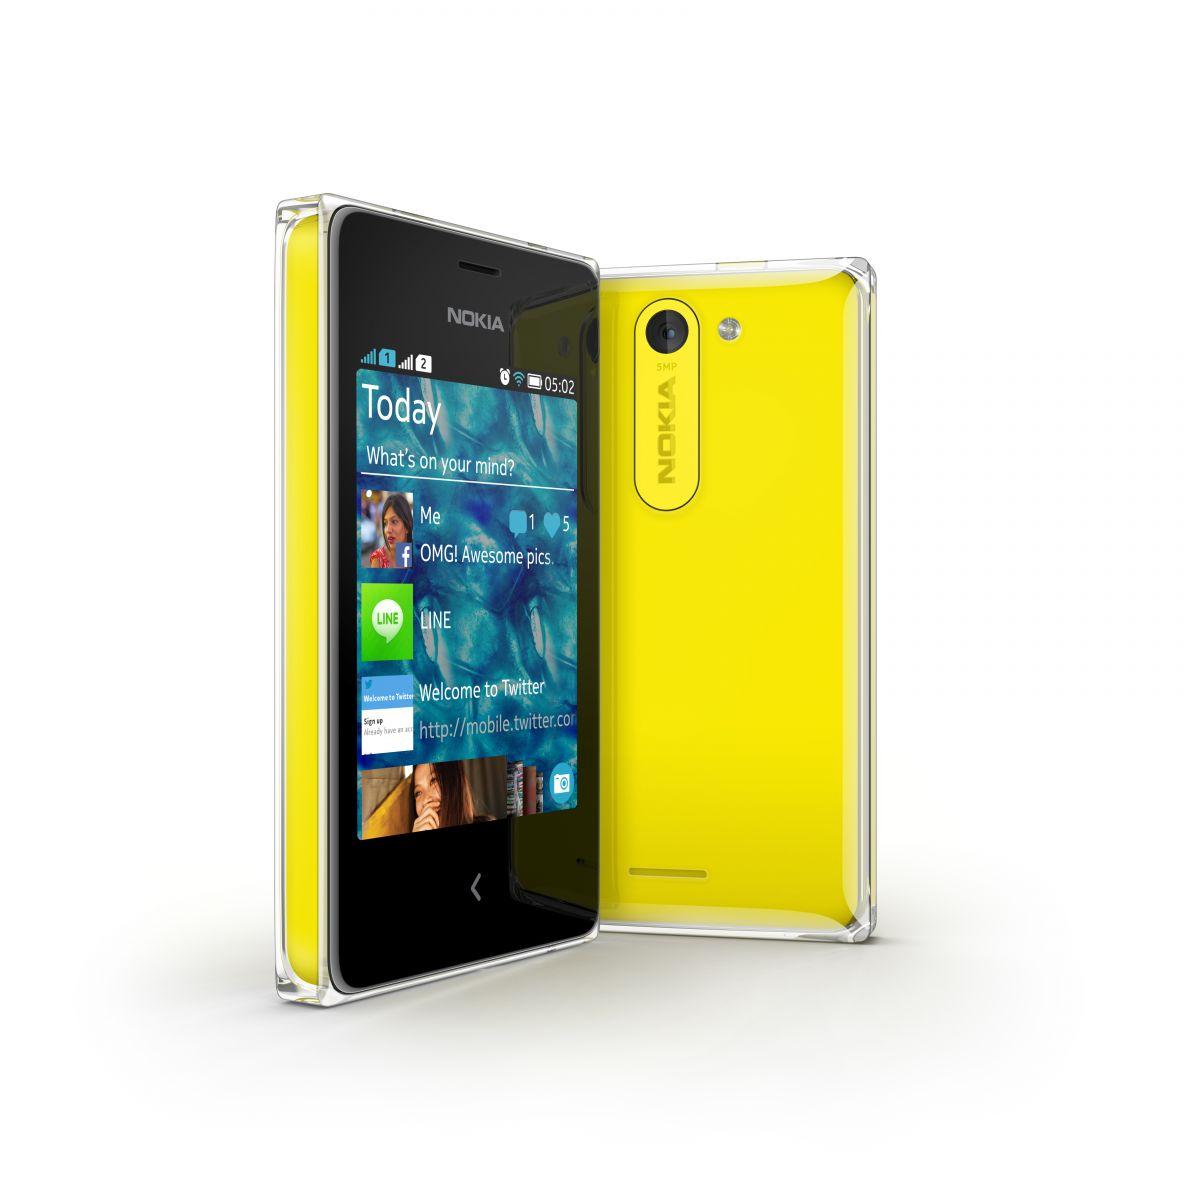 1200-nokia_asha_502_ds_yellow.jpg